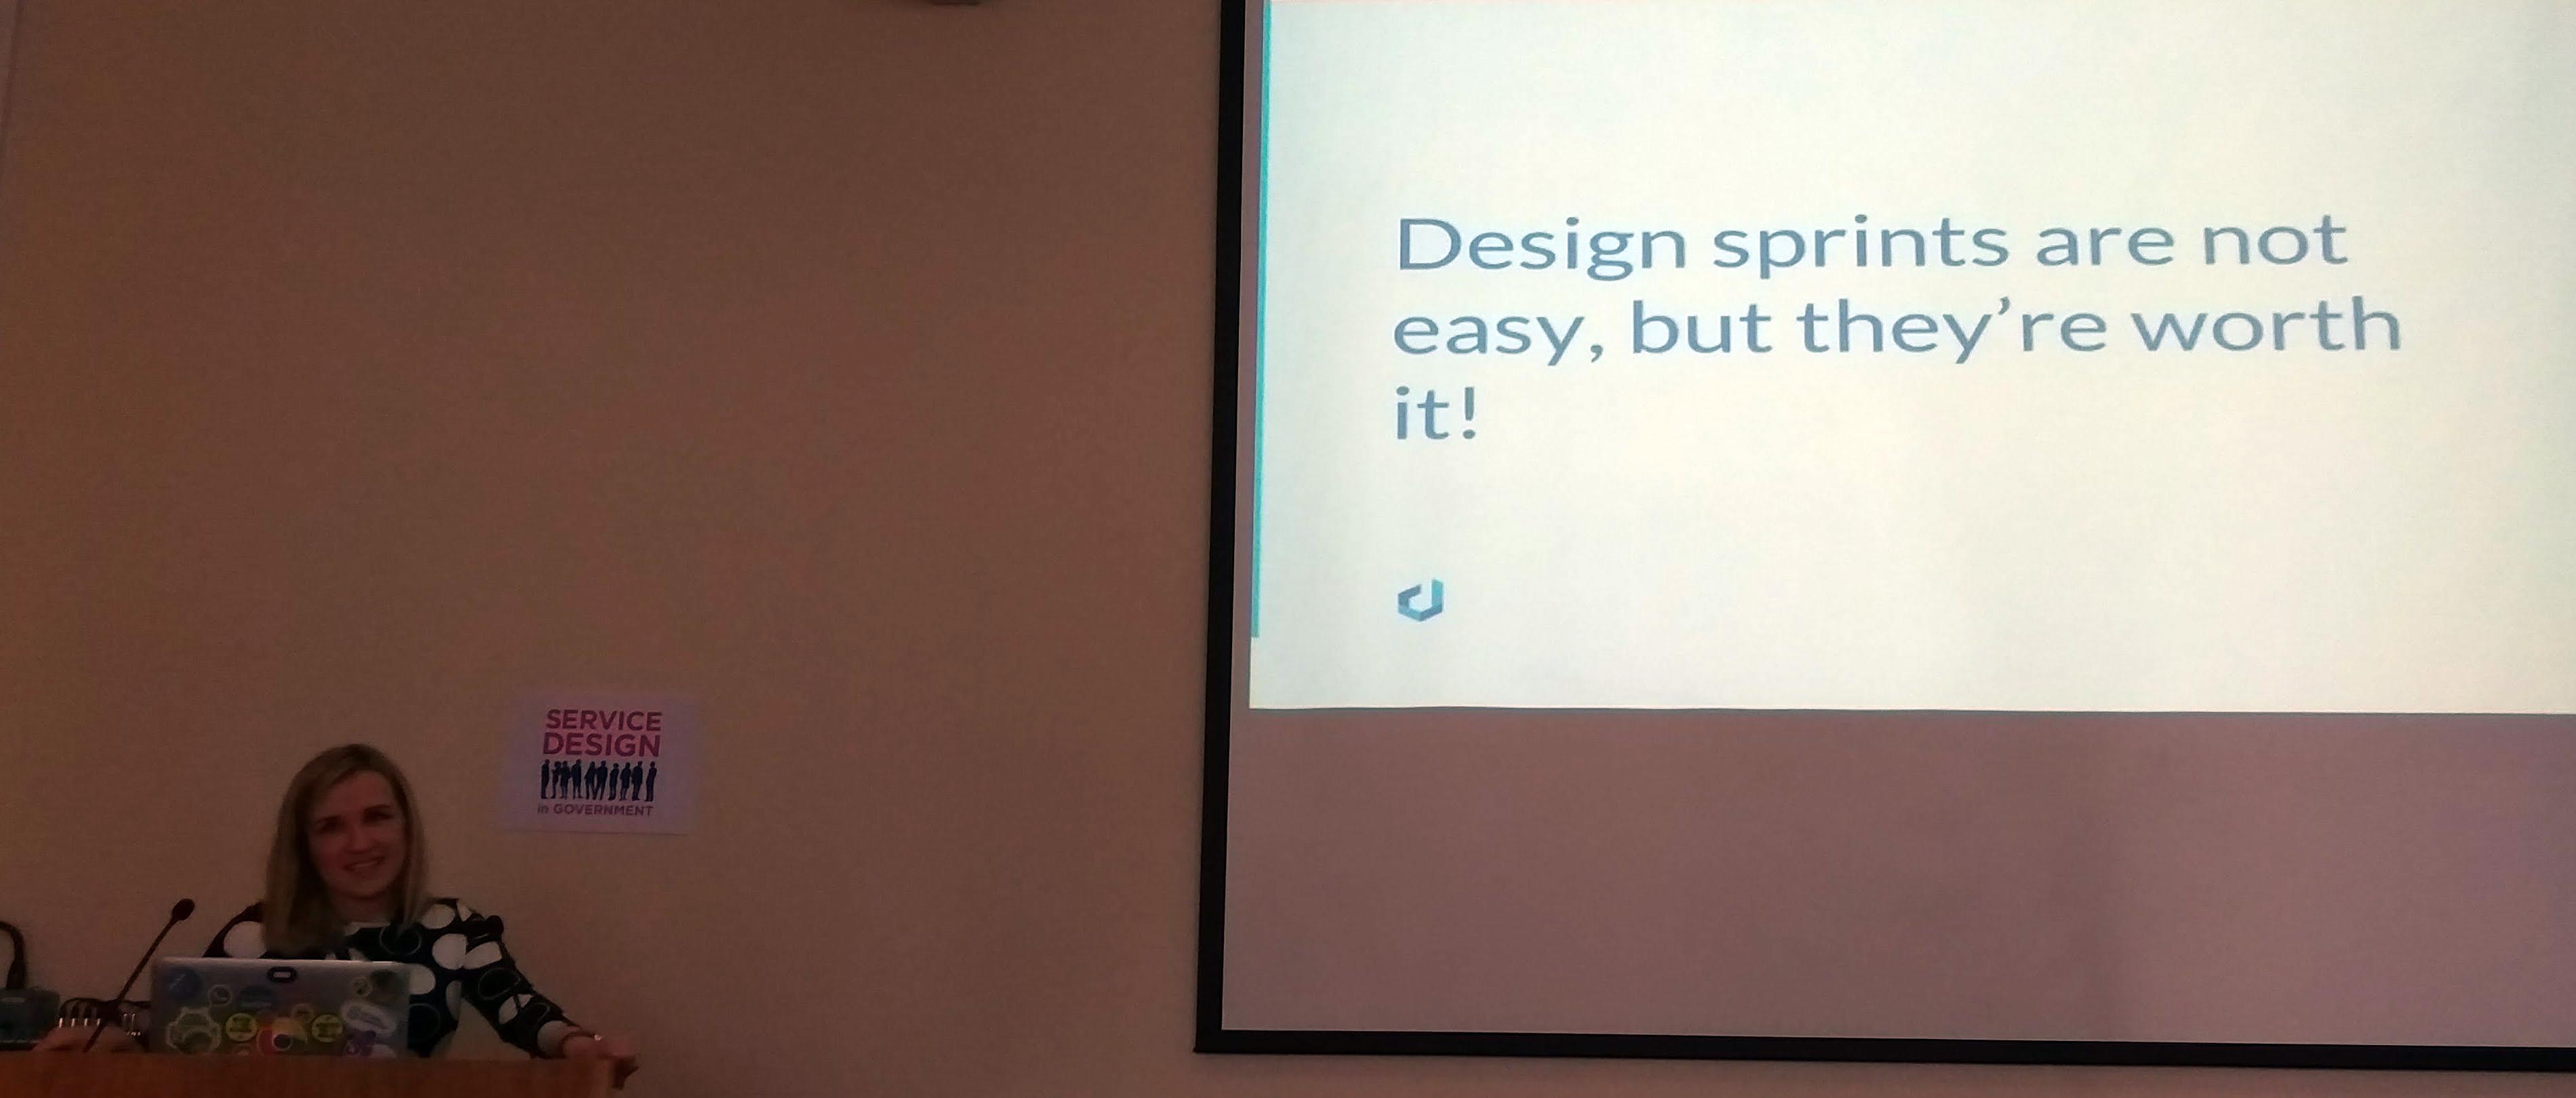 Vita Mangan speaking about design sprints